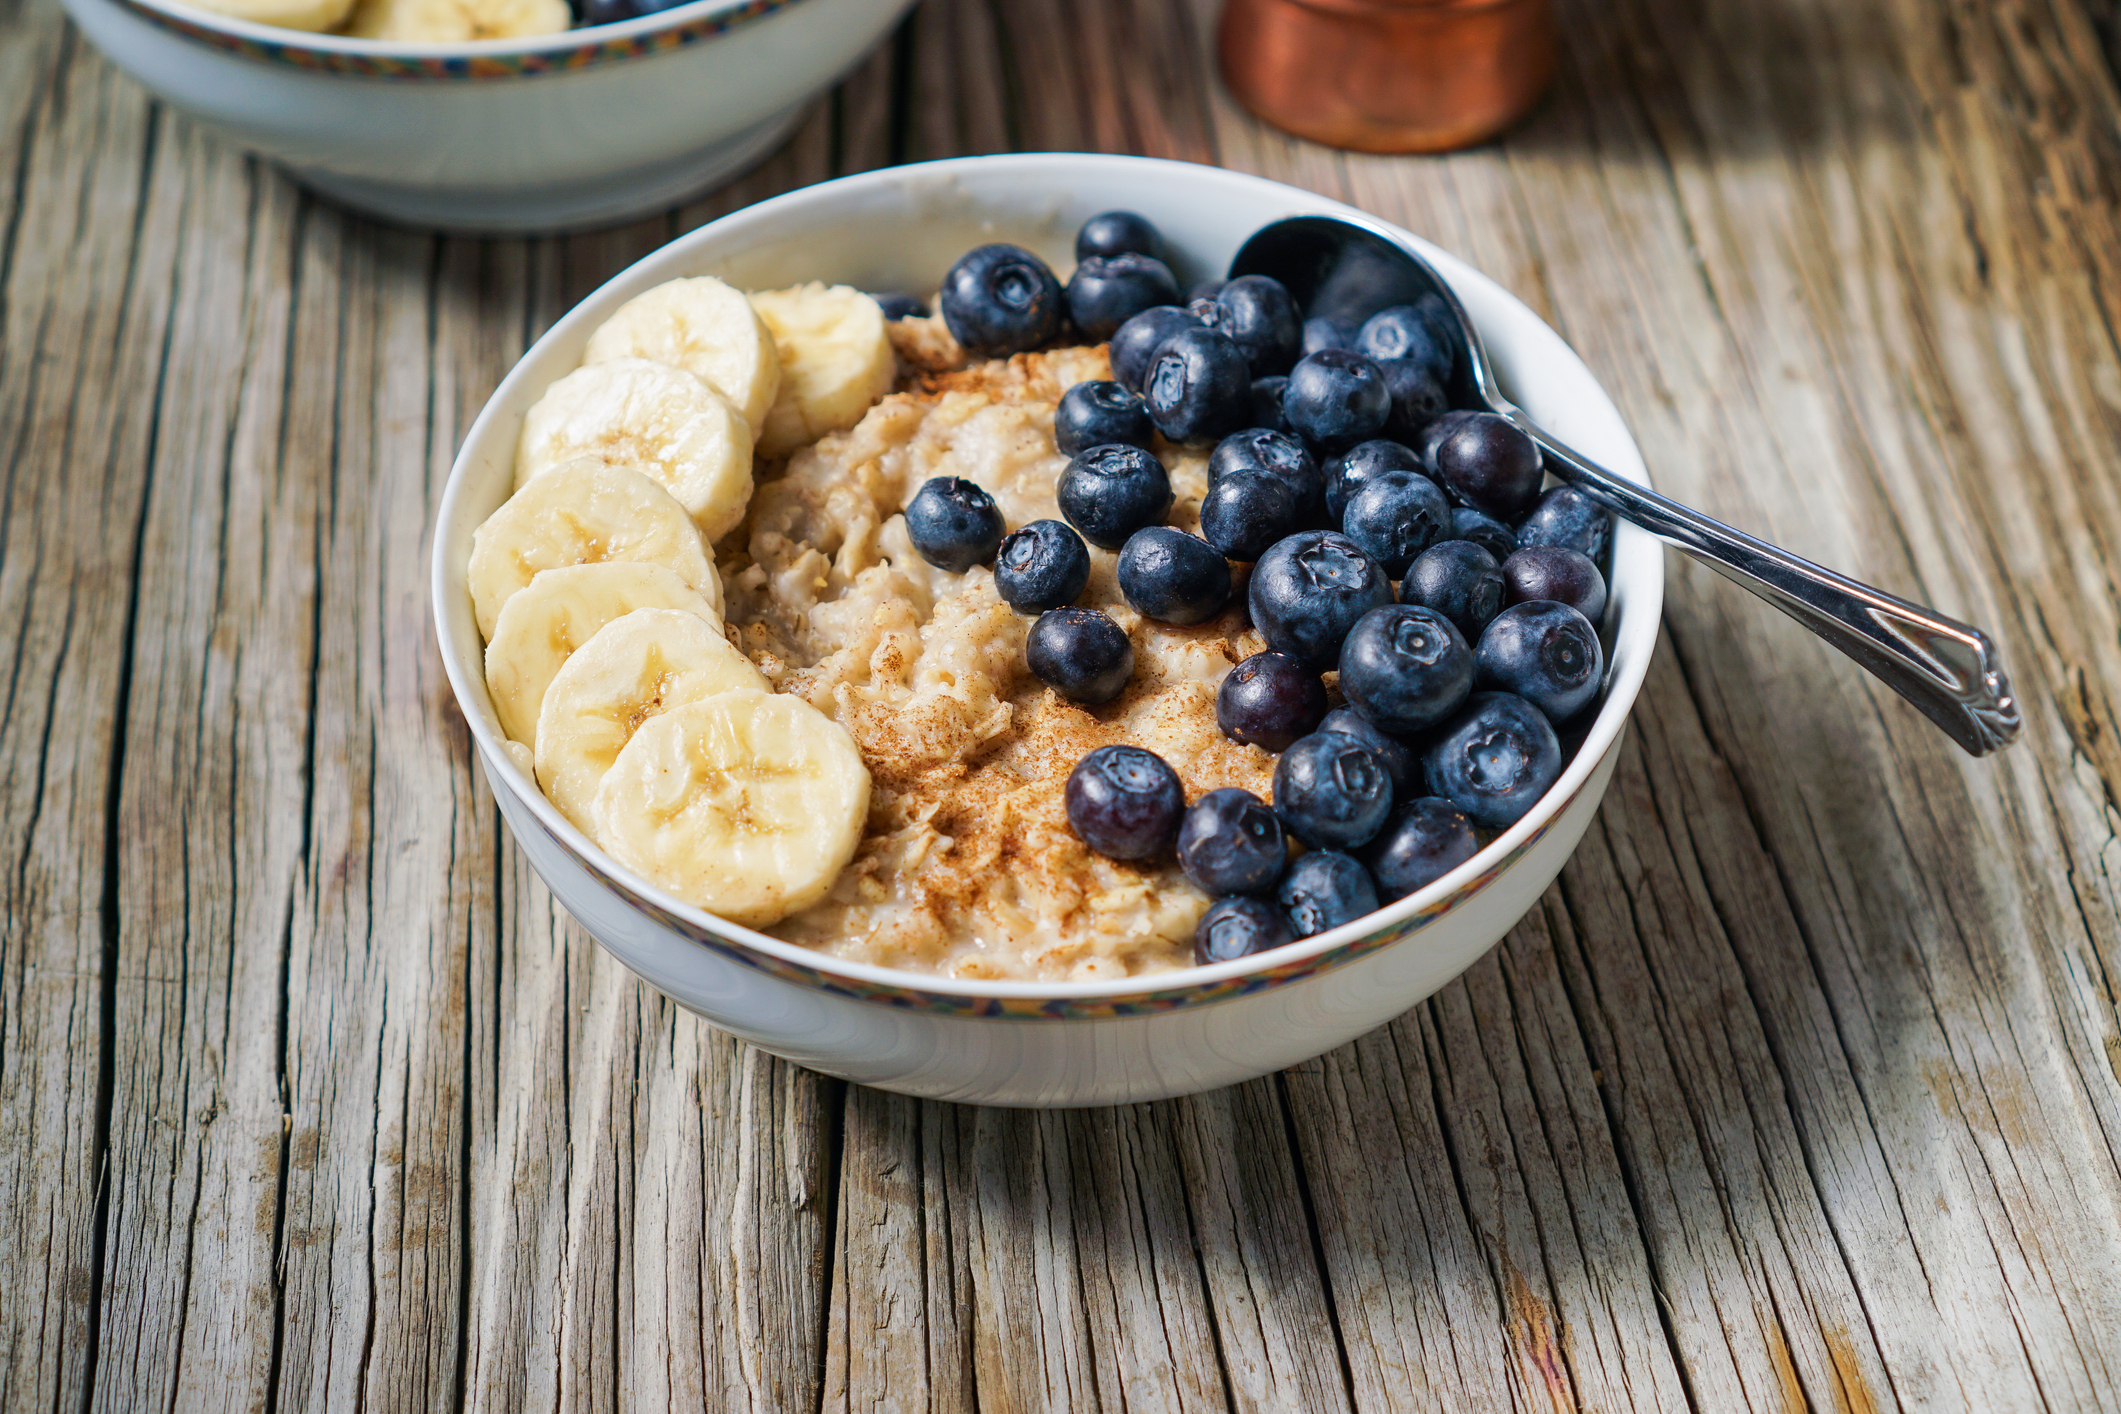 Fitness-Müsli mit Haferflocken und Obst ist ein idealer Post-Workout Snack.